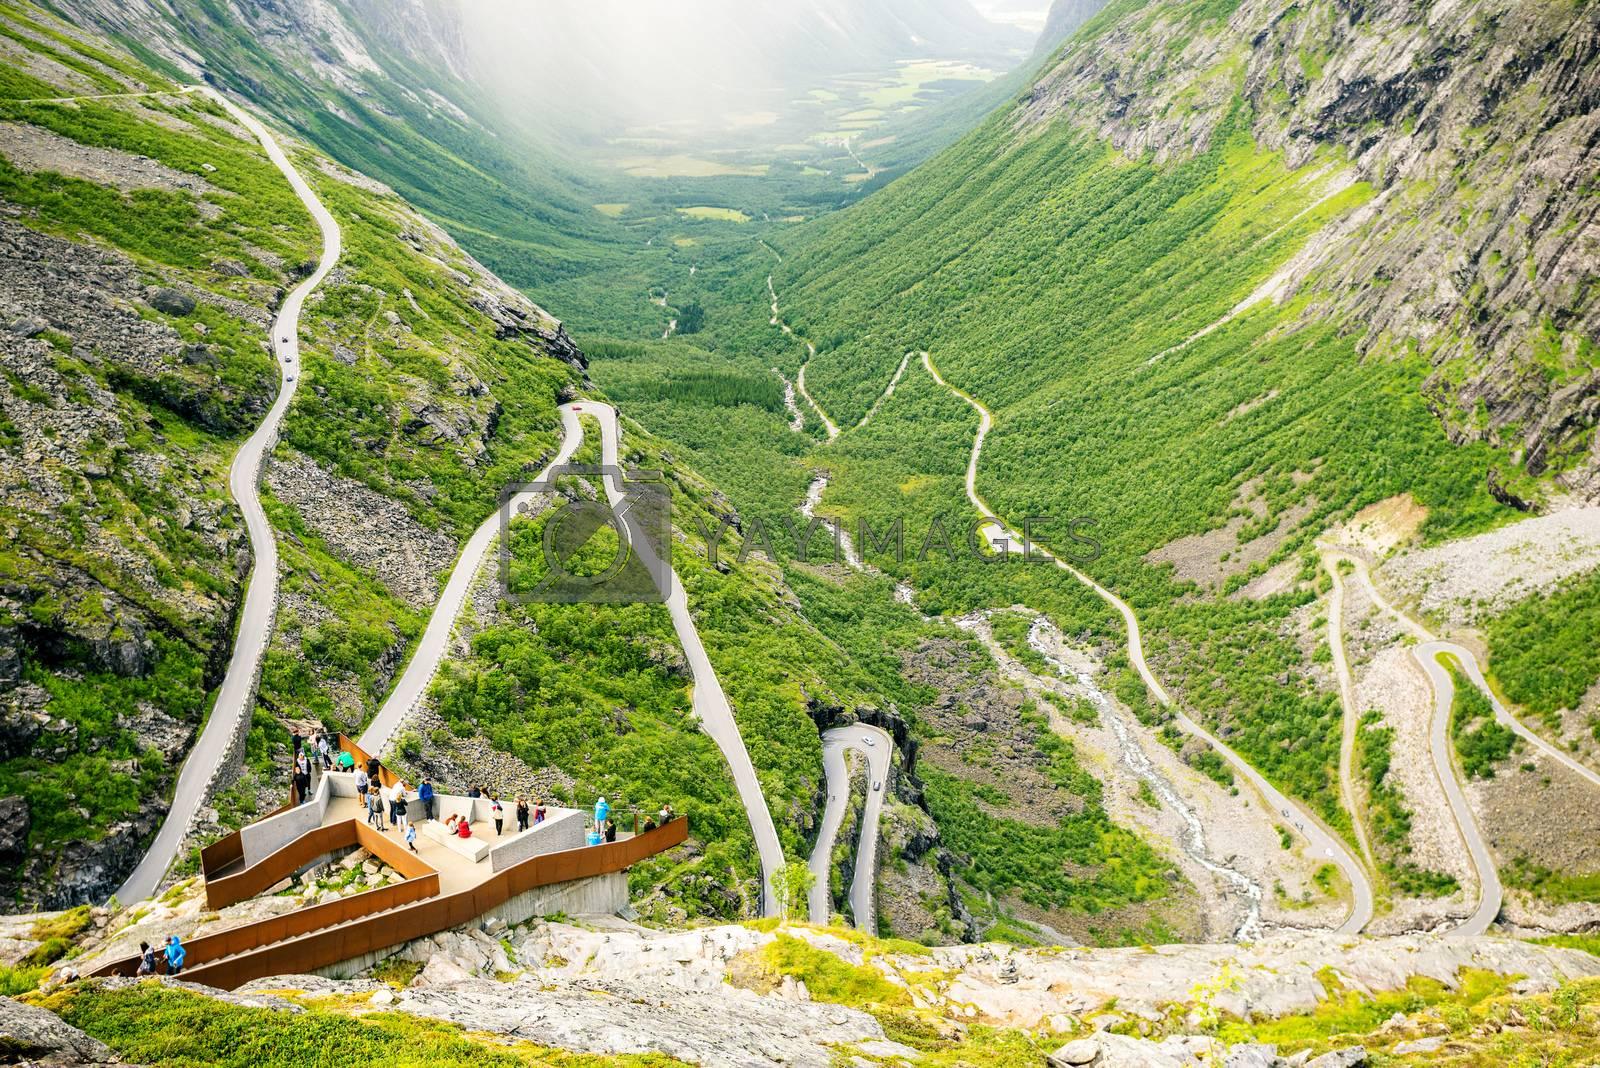 View on famous Trollstigen at Norway